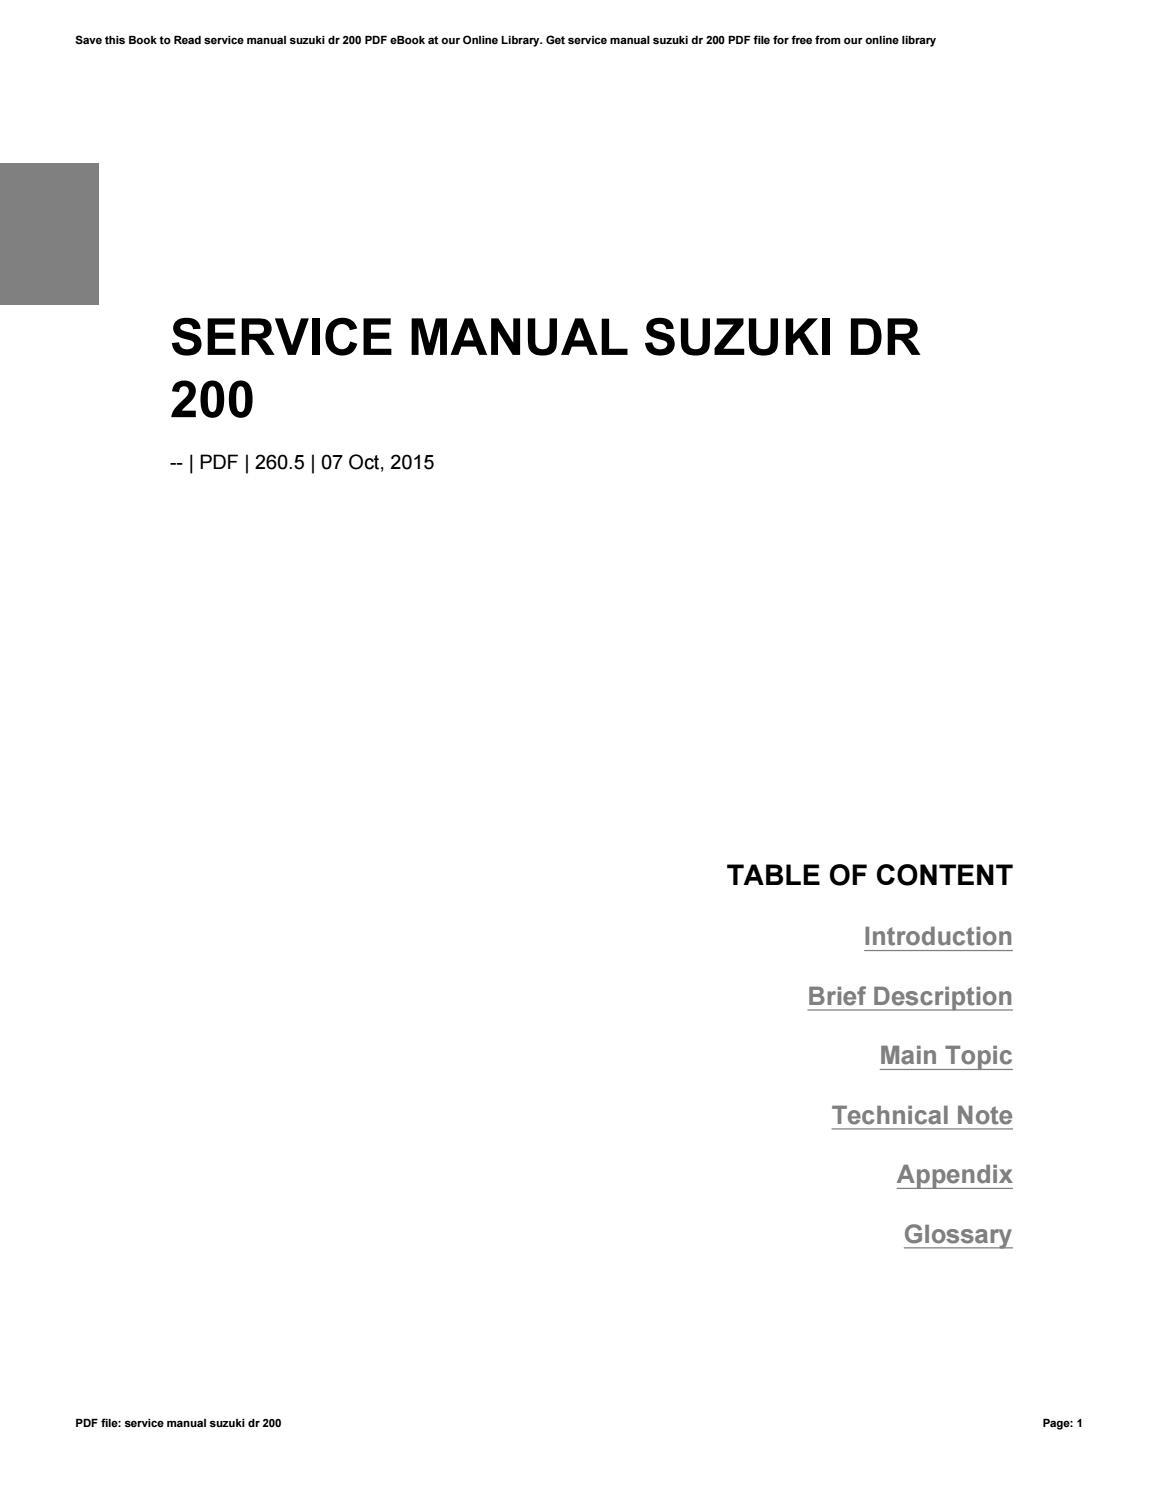 service manual suzuki dr 200 by apssdc31 issuu 2006 suzuki dr200se service manual 2004 suzuki dr 200 service manual